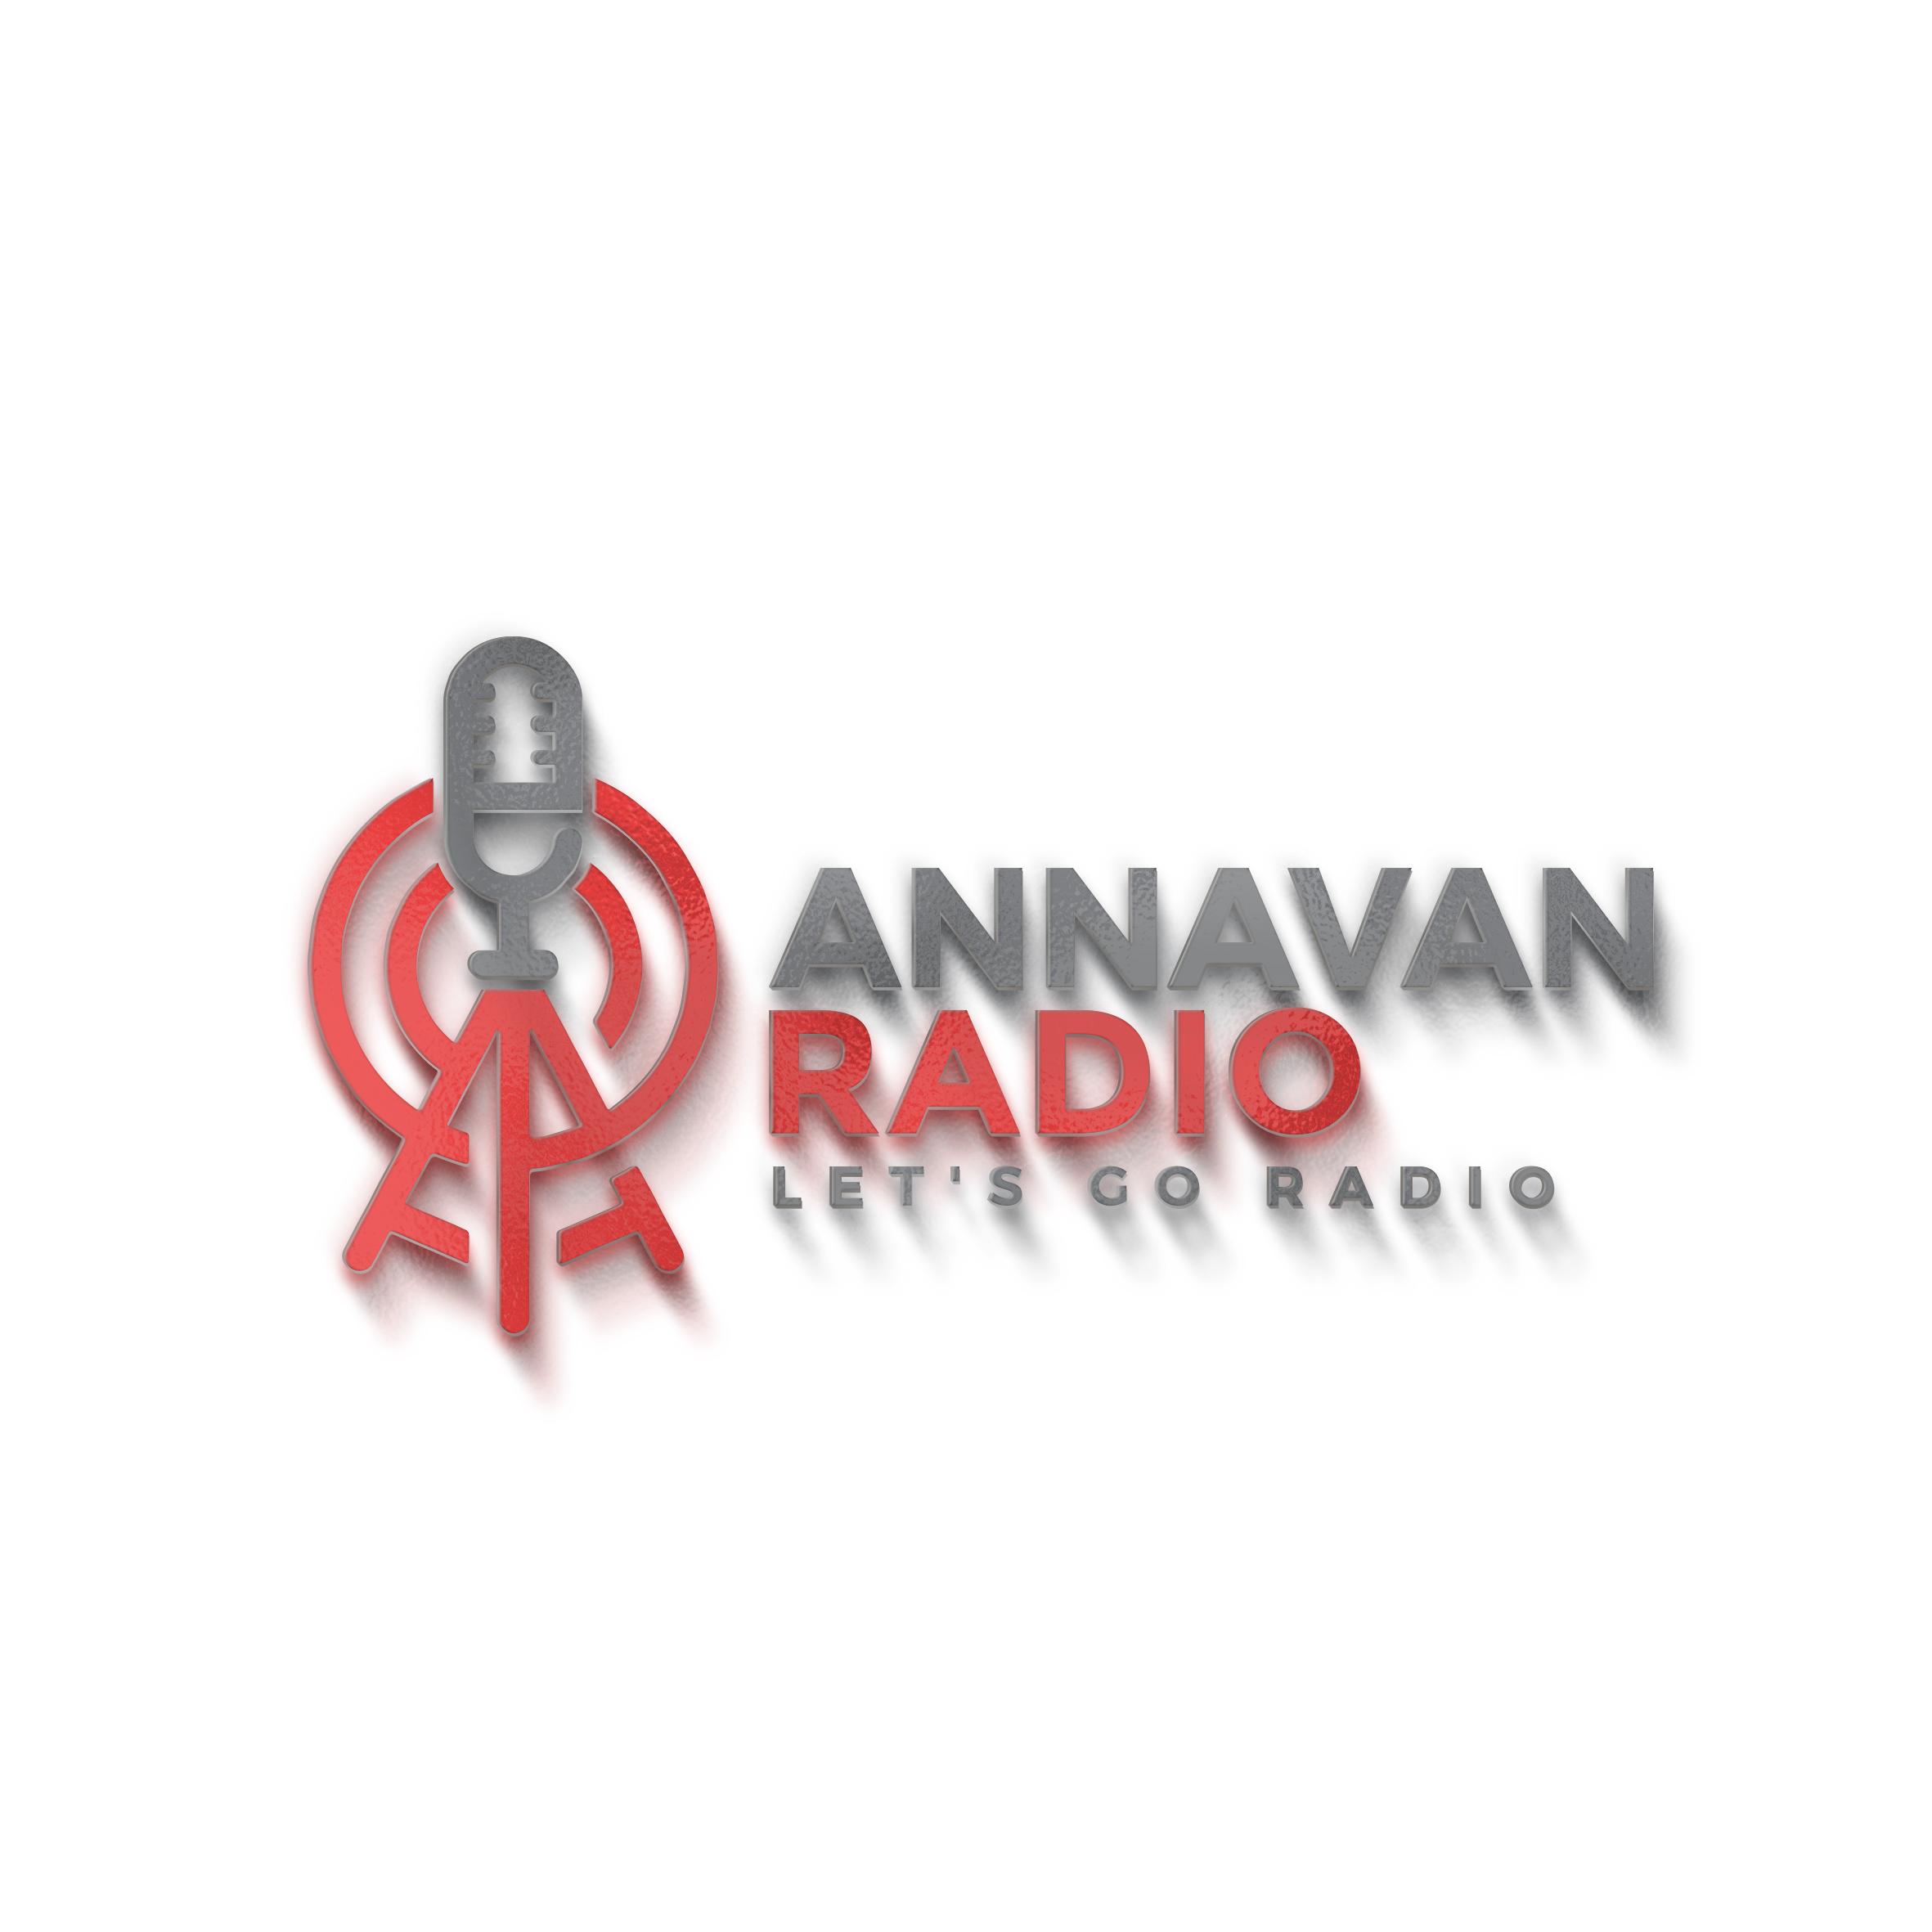 Annavanradio